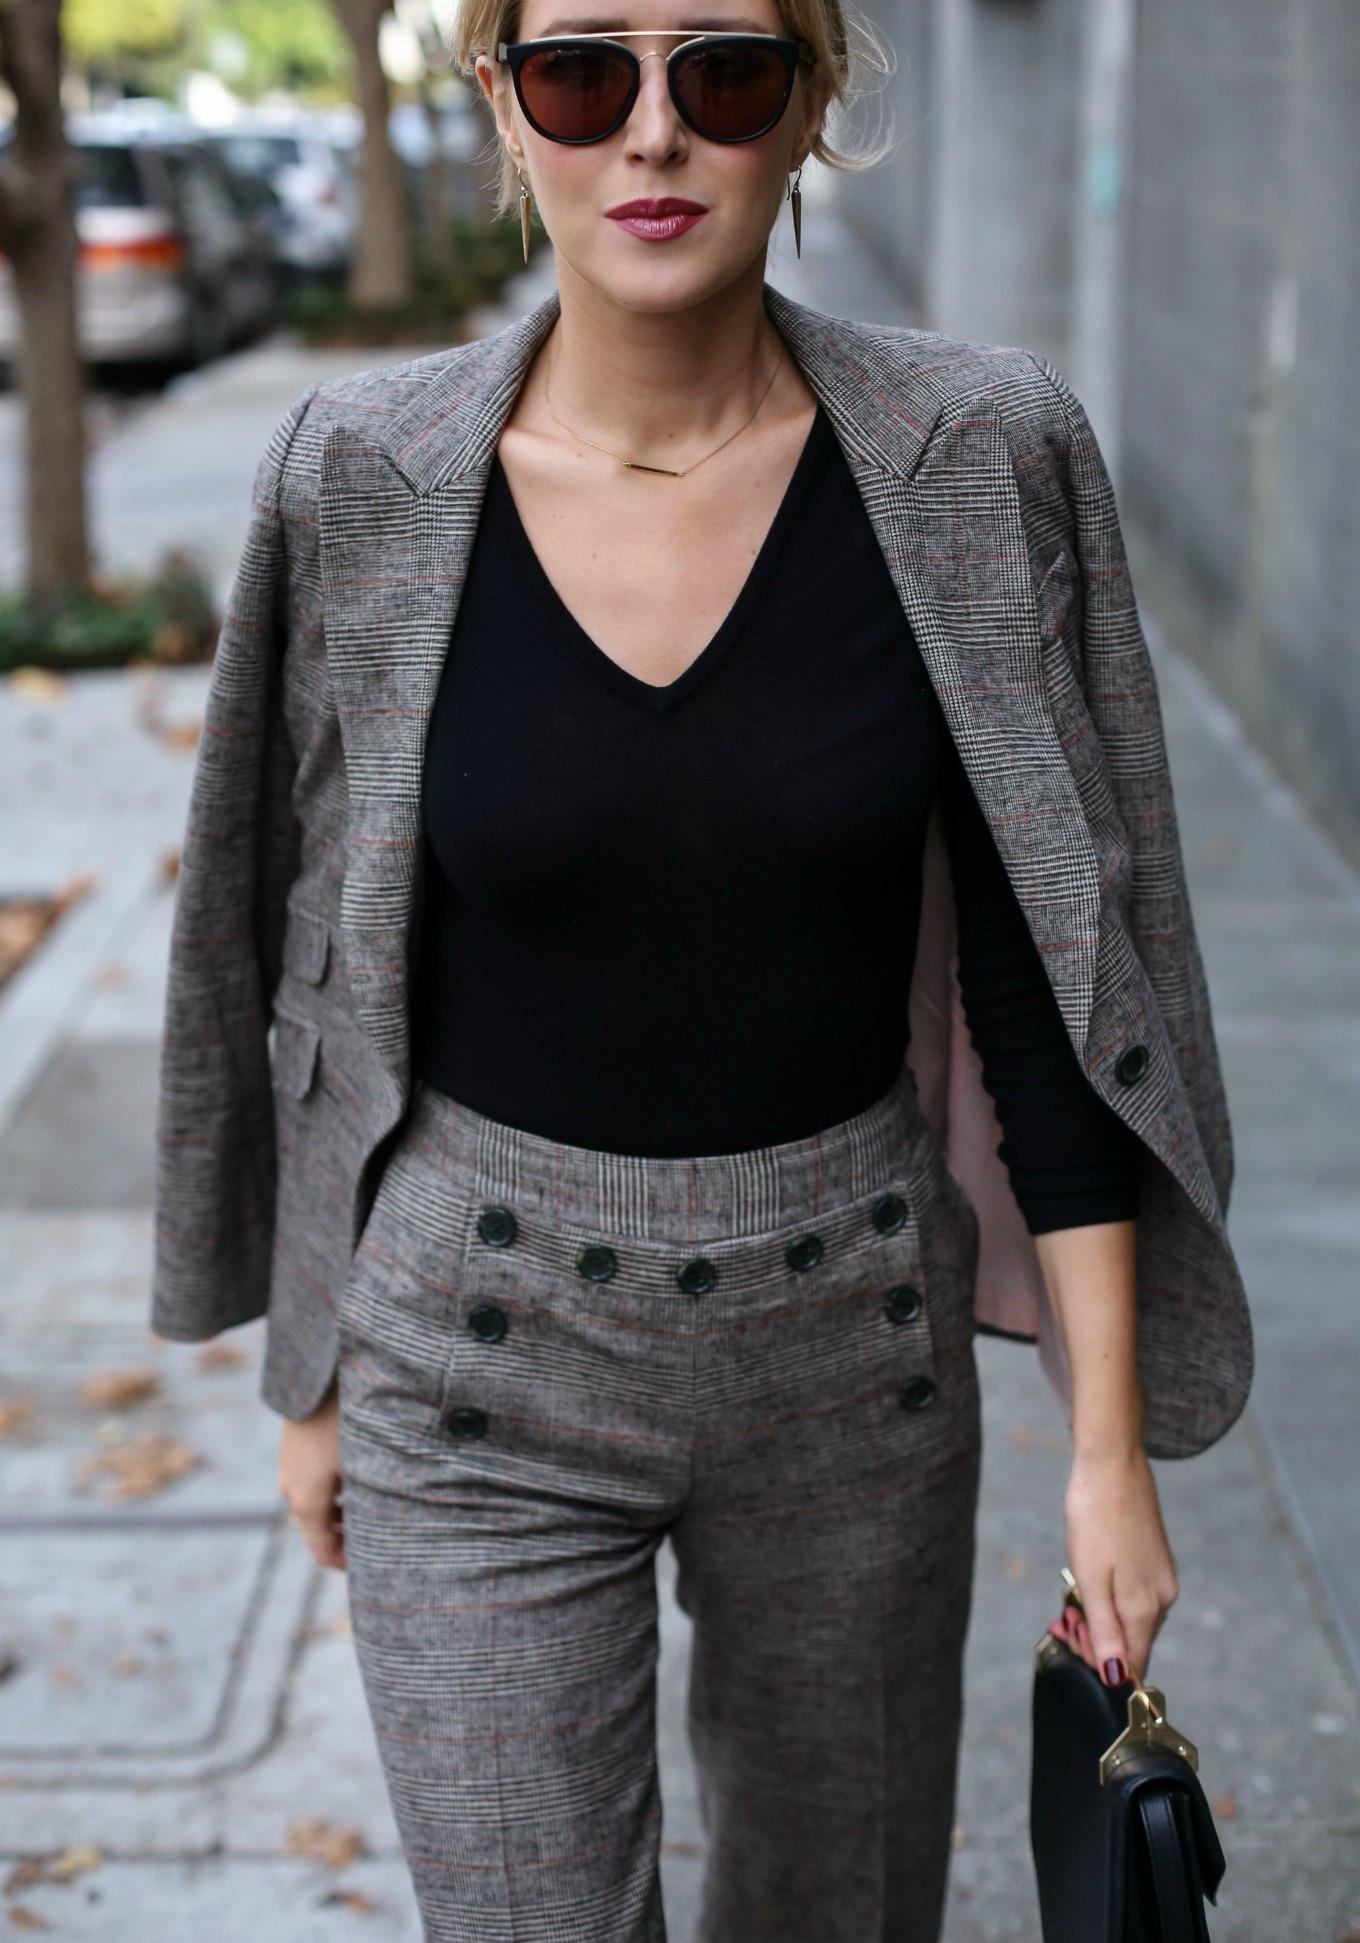 奥利维亚·巴勒莫·切尔西(Olivia-Palermo-chelsea)28诺德斯特伦格伦格纹水手纽扣裙裤和腰果西装外套夹克秋季工作服趋势7